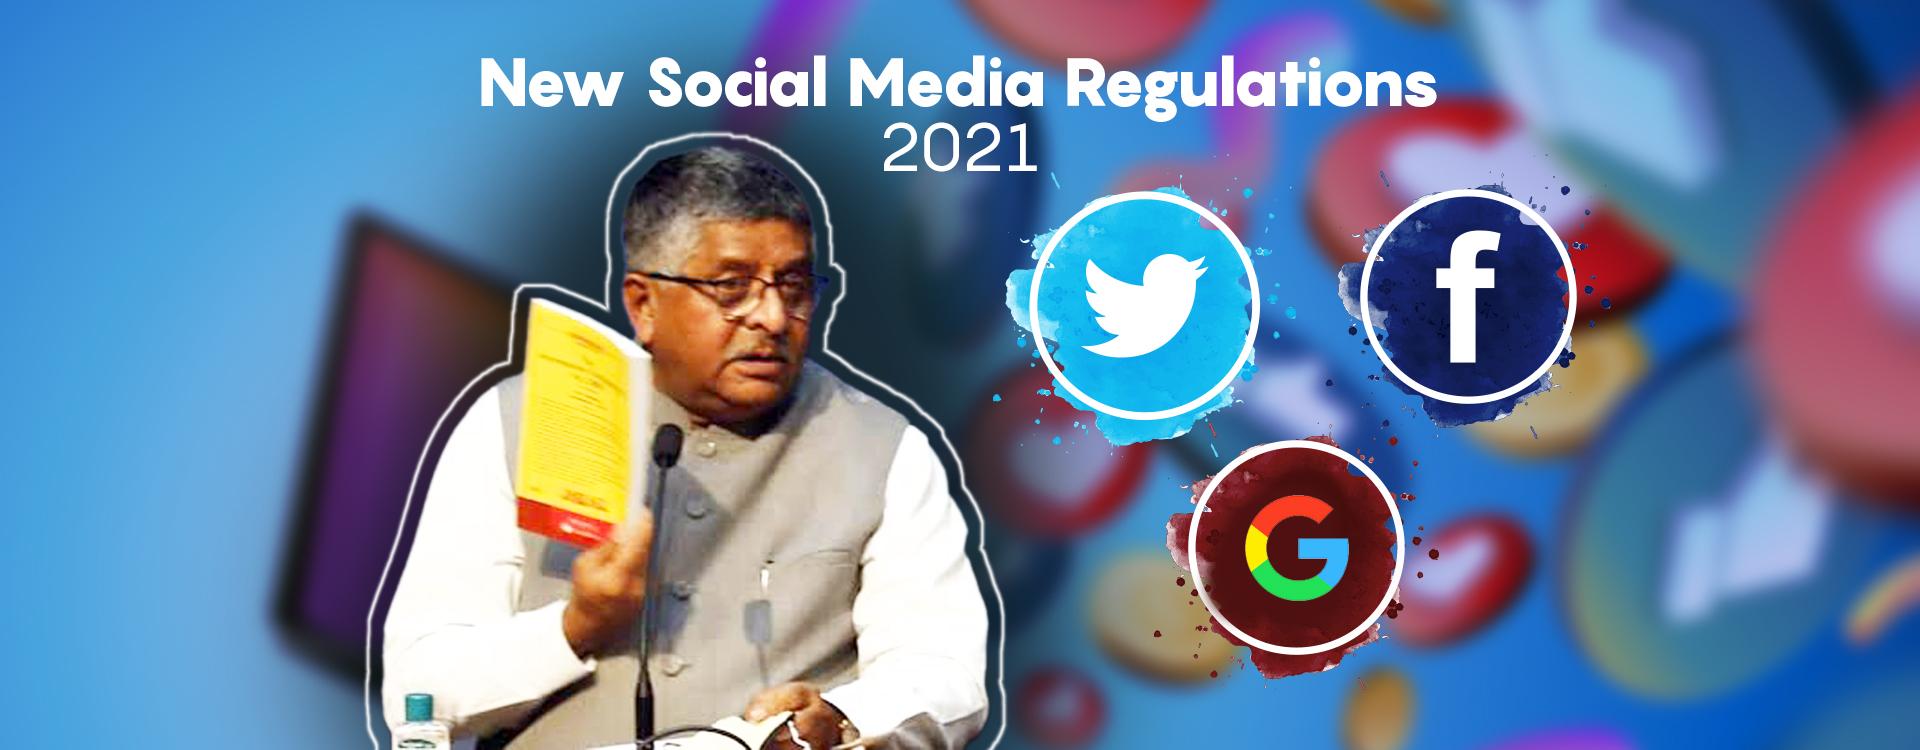 New Social Media Facebook, Google, Twitter, Digital Media, OTT regulations 2021